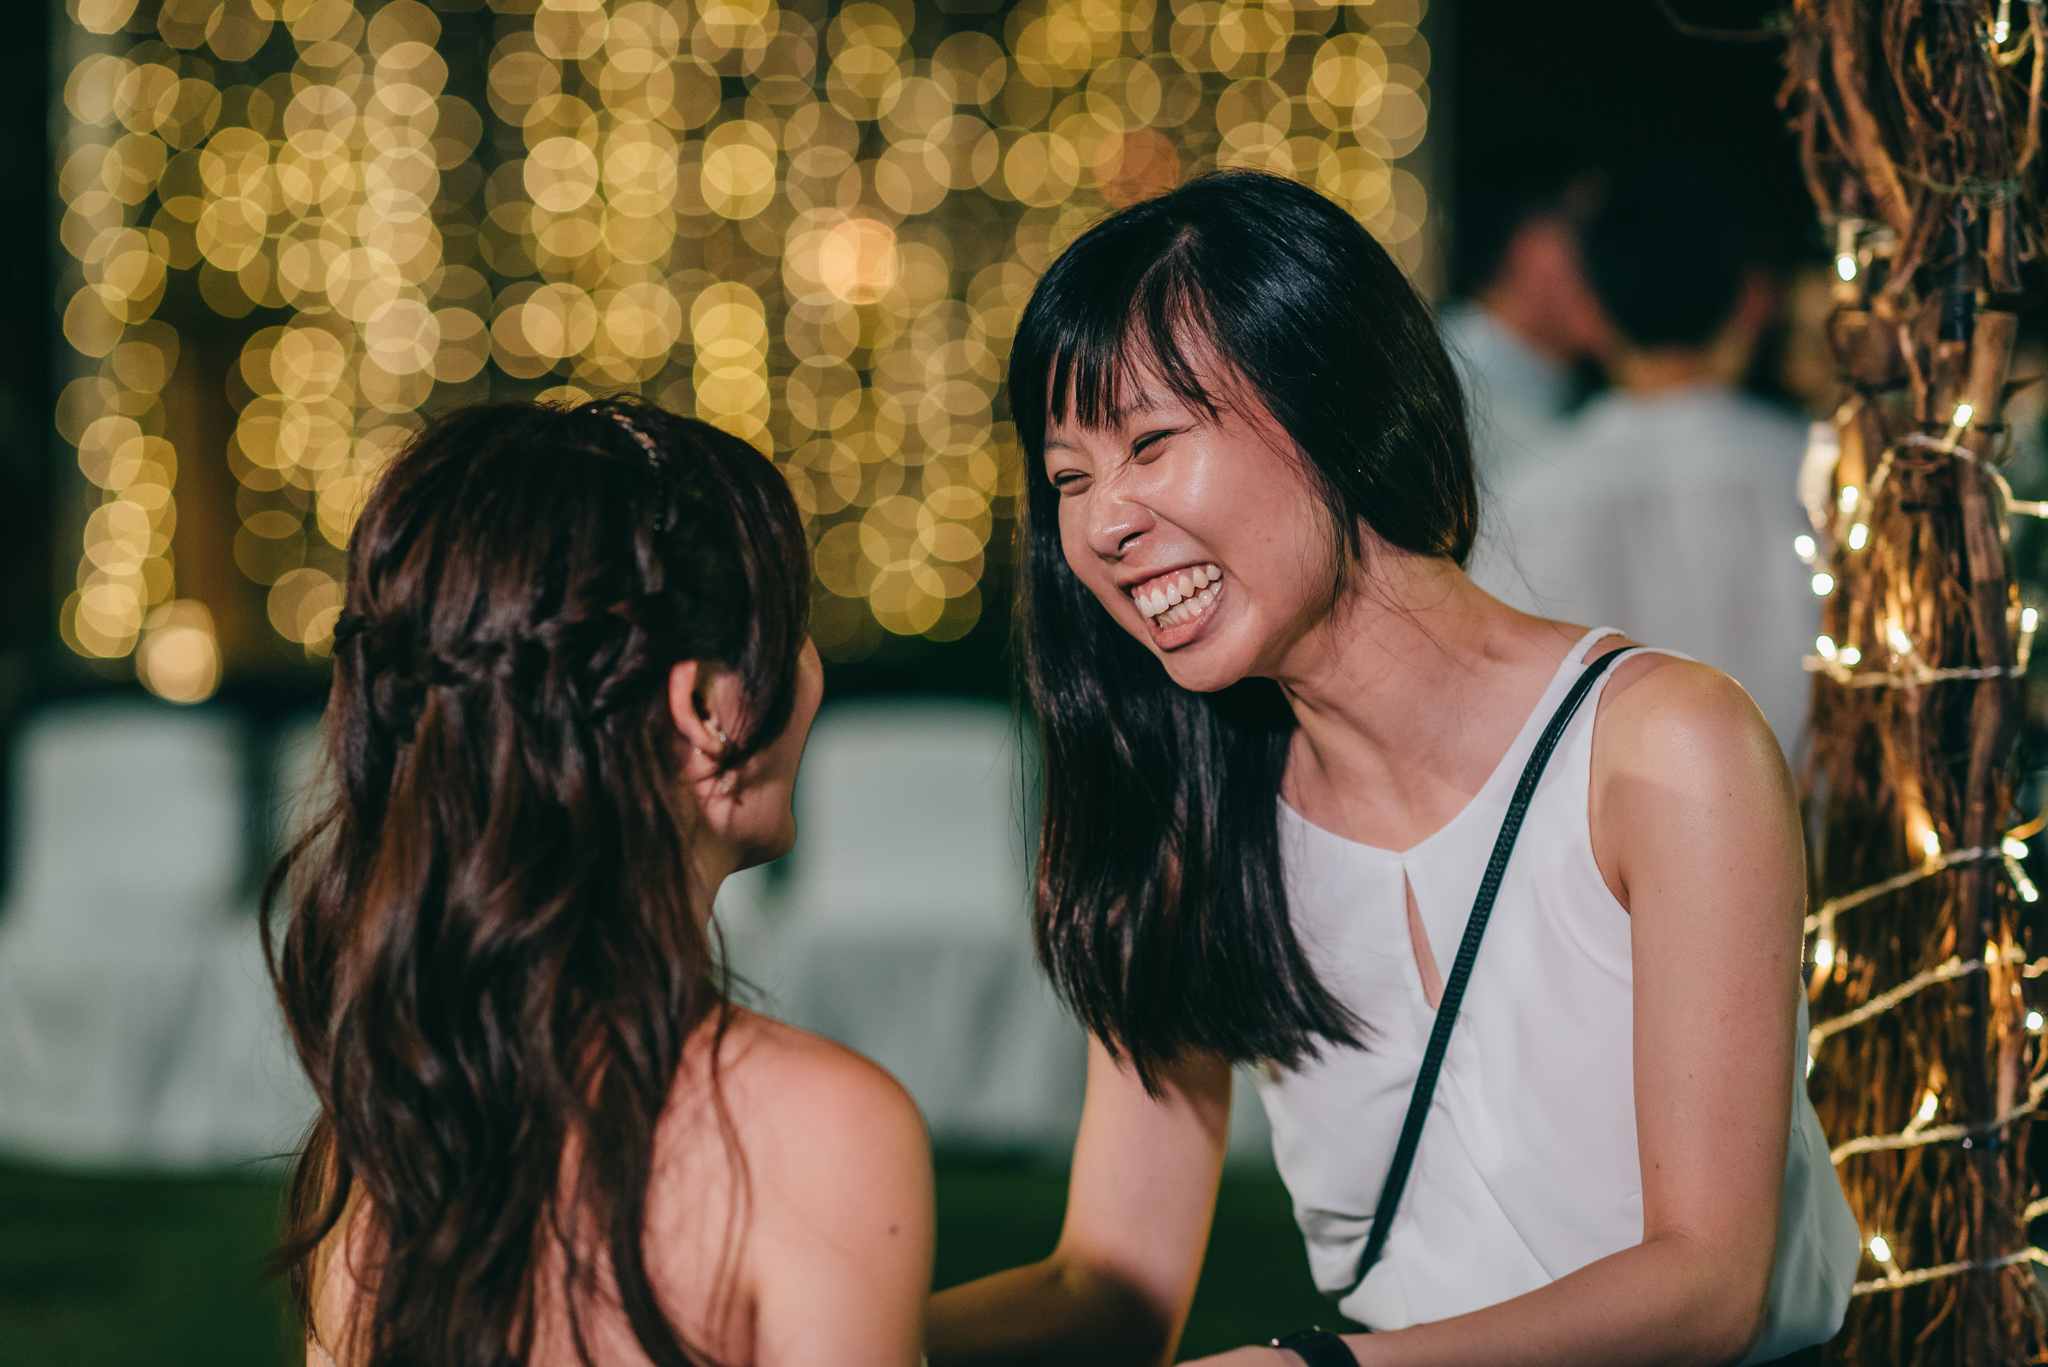 Lionel & Karen Wedding Day Highlights (resized for sharing) - 207.jpg